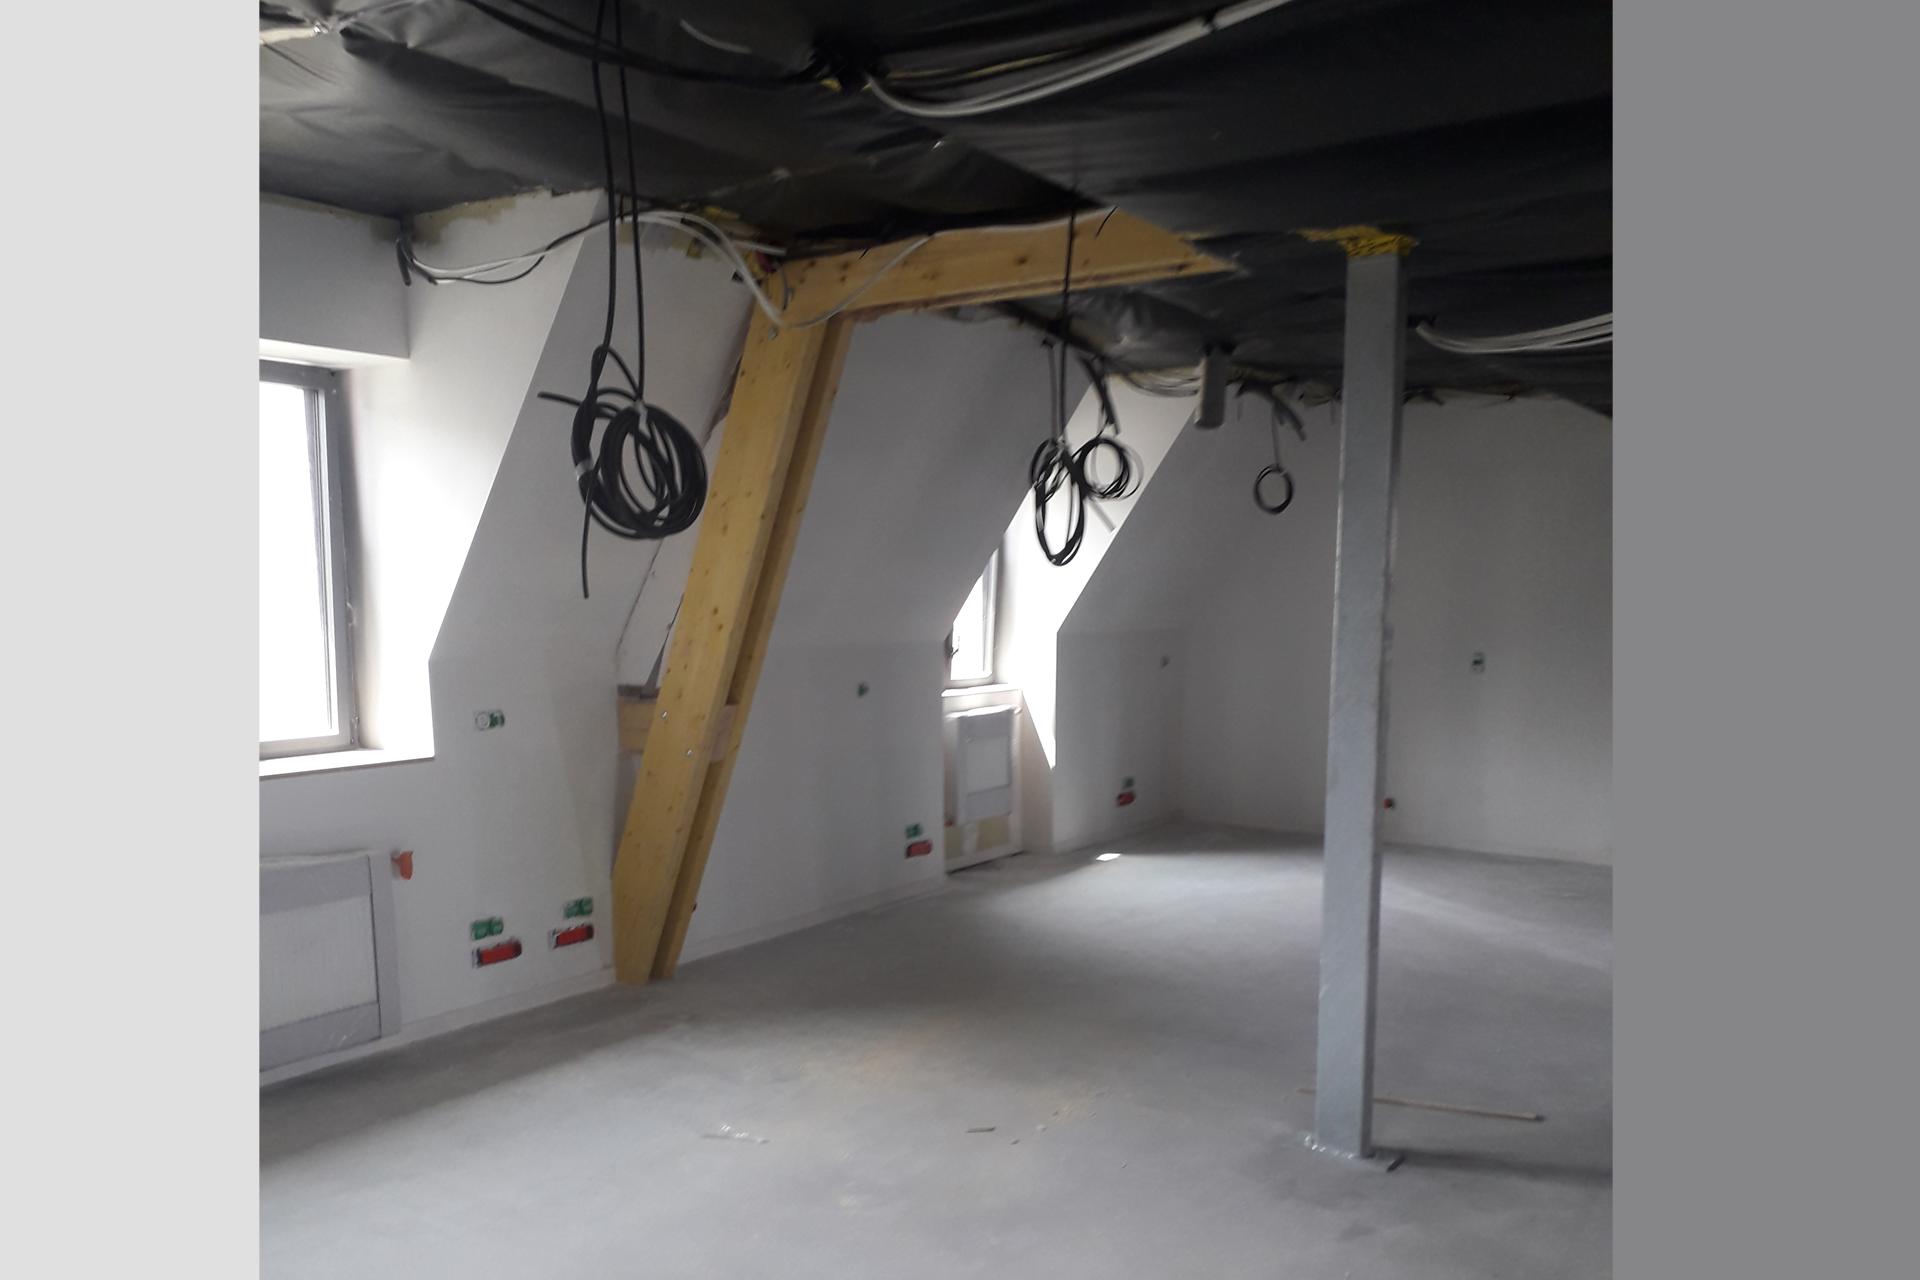 Hetet Construction Renforcement de la charpente existante